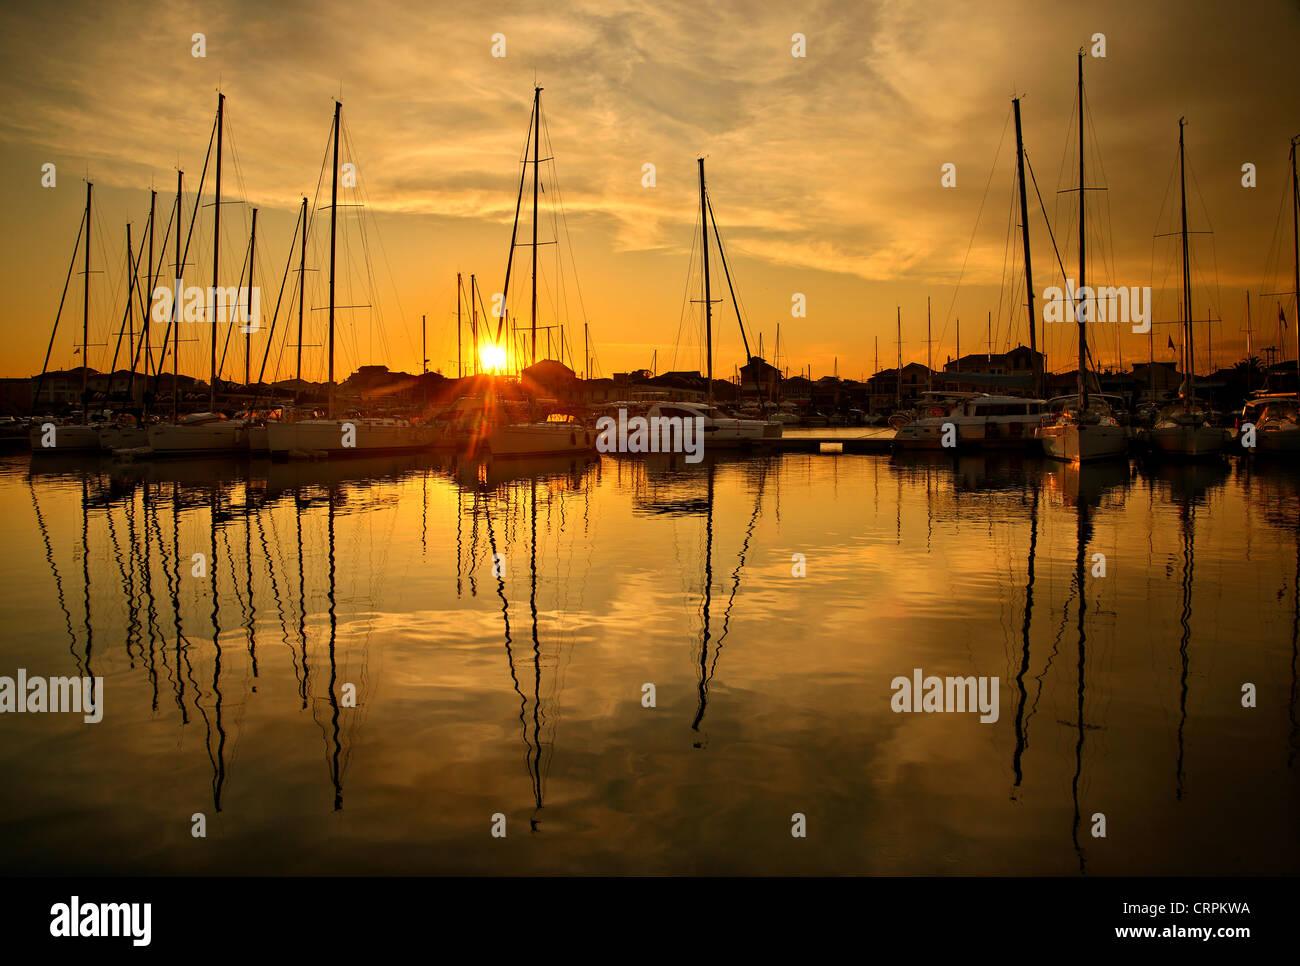 """Sonnenuntergang am Yachthafen in Lefkada (oder """"Lefkas"""") Stadt Lefkada Insel, Ionisches Meer, Nordteil Stockbild"""